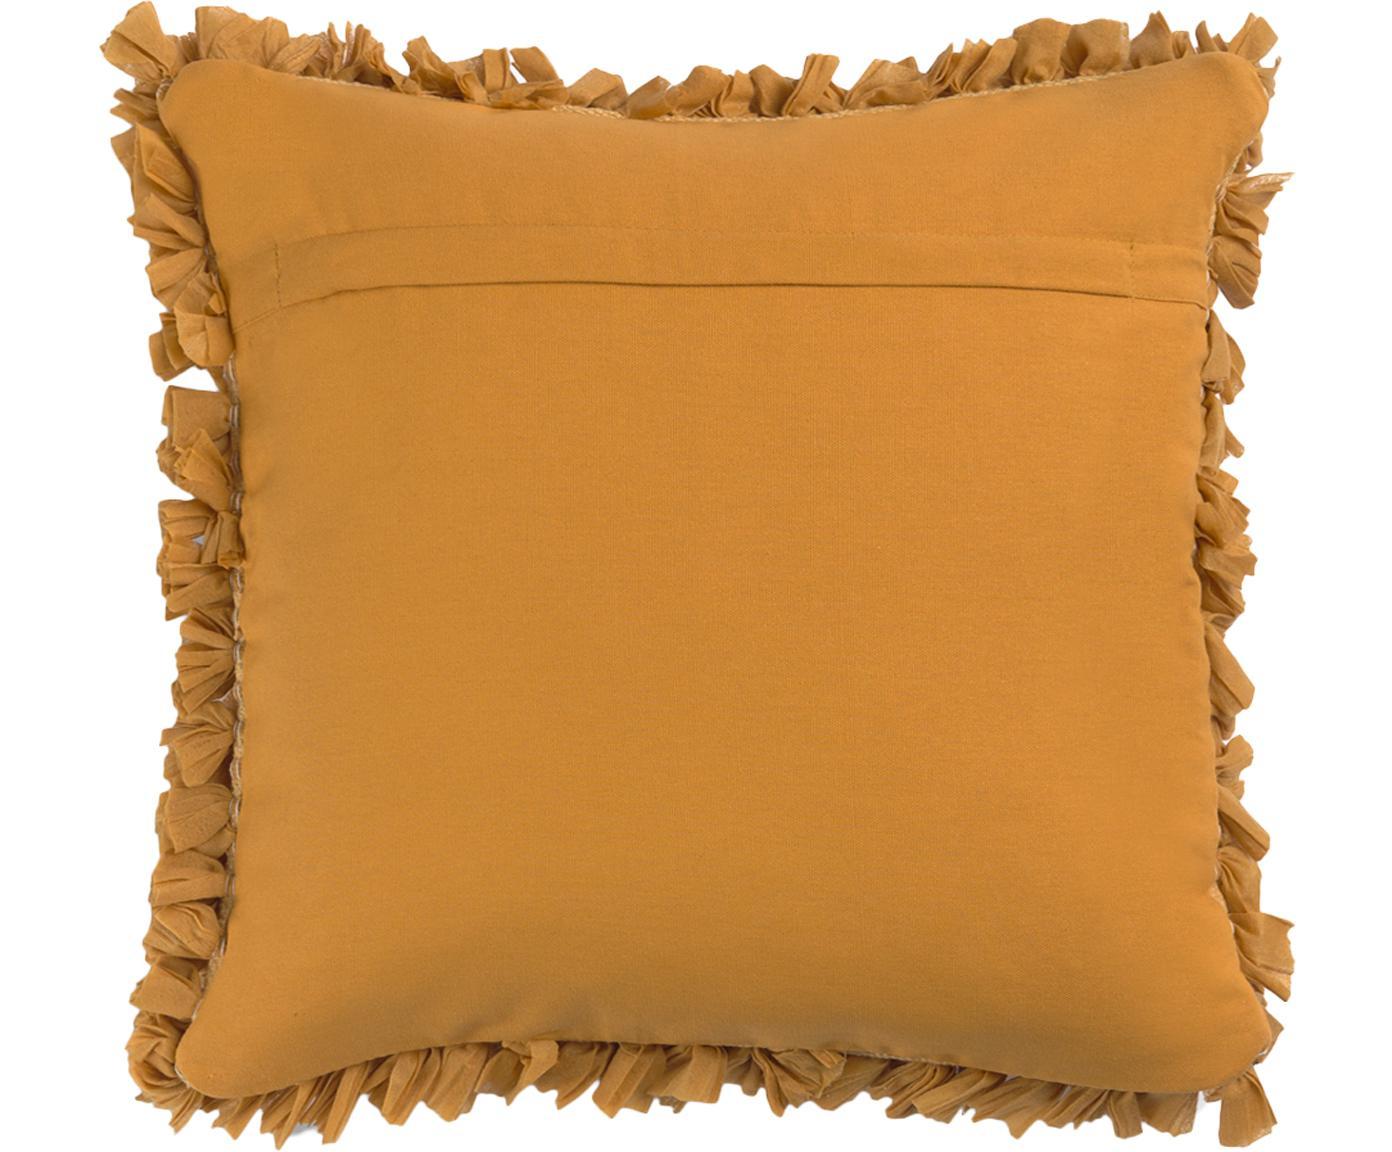 Poszewka na poduszkę z wypukłą powierzchnią Aqia, 50% poliester, 50% bawełna, Musztardowy, S 45 x D 45 cm